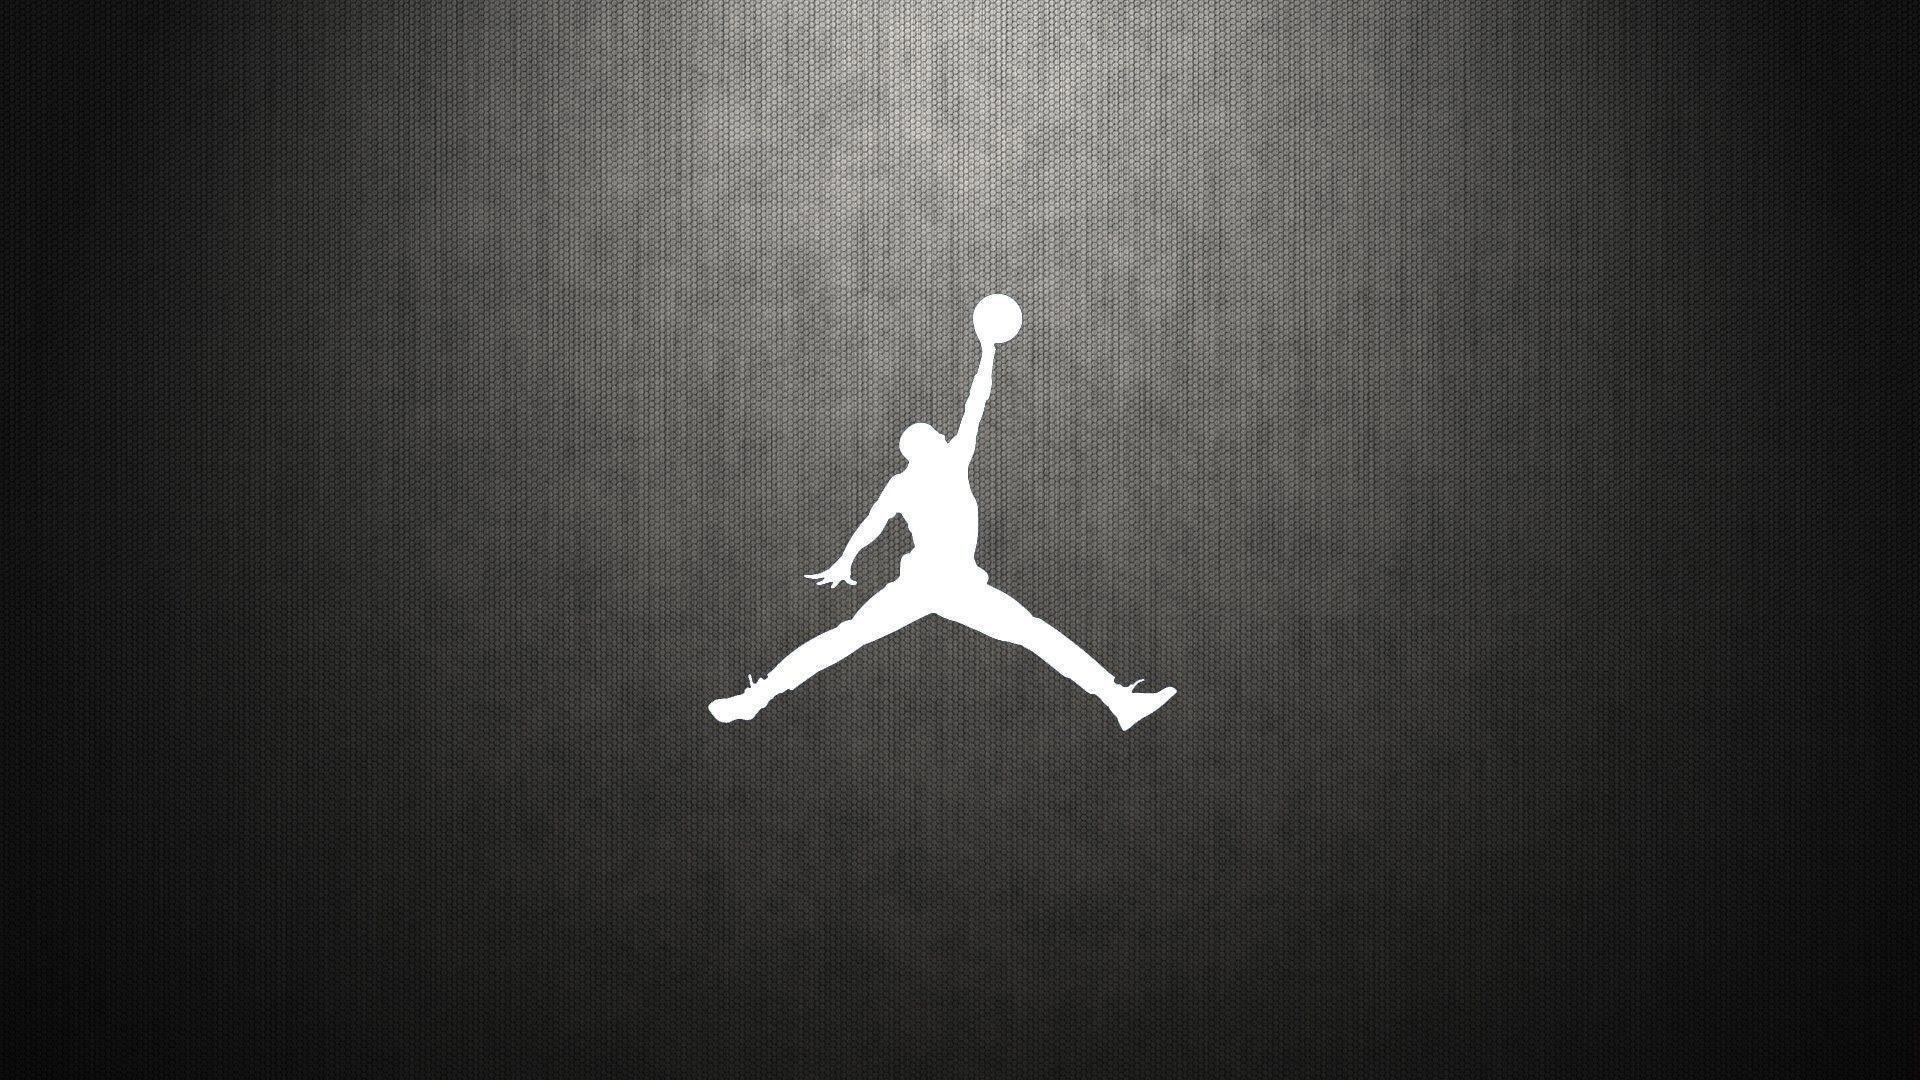 Nike Wallpaper Just Do It L 1920×1080